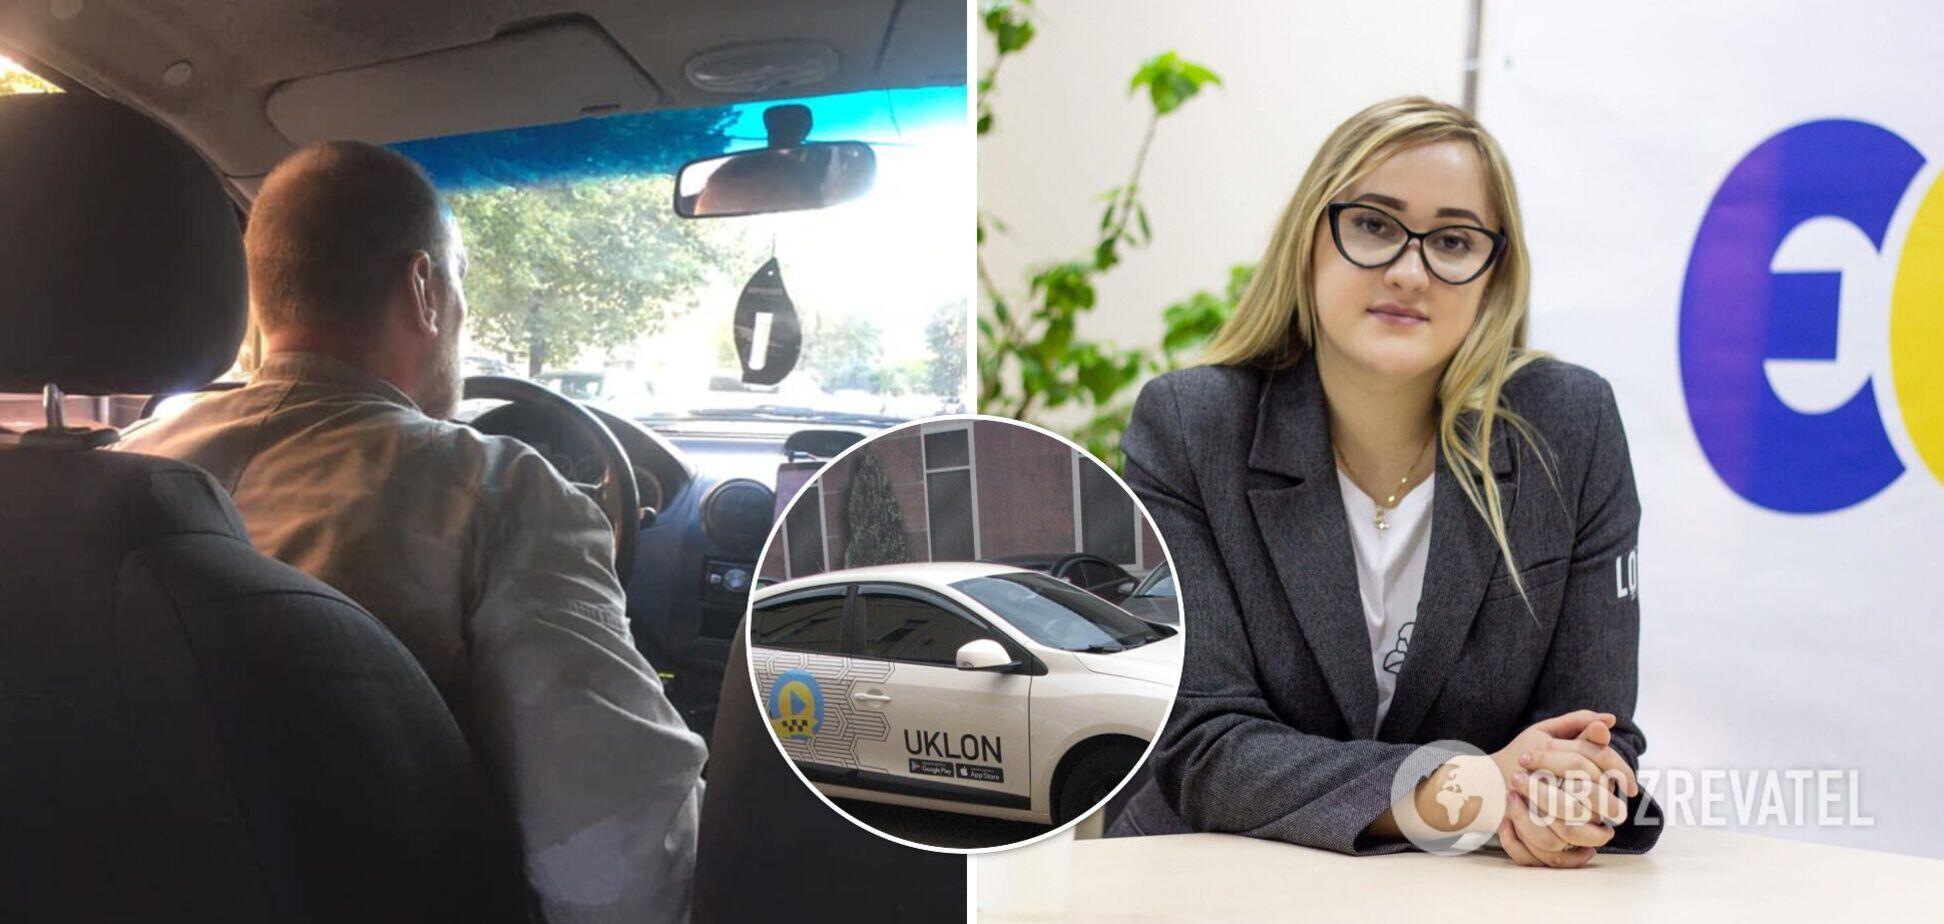 У Харкові таксист обізвав пасажирку через українську мову і назвав місто 'споконвічно російським'